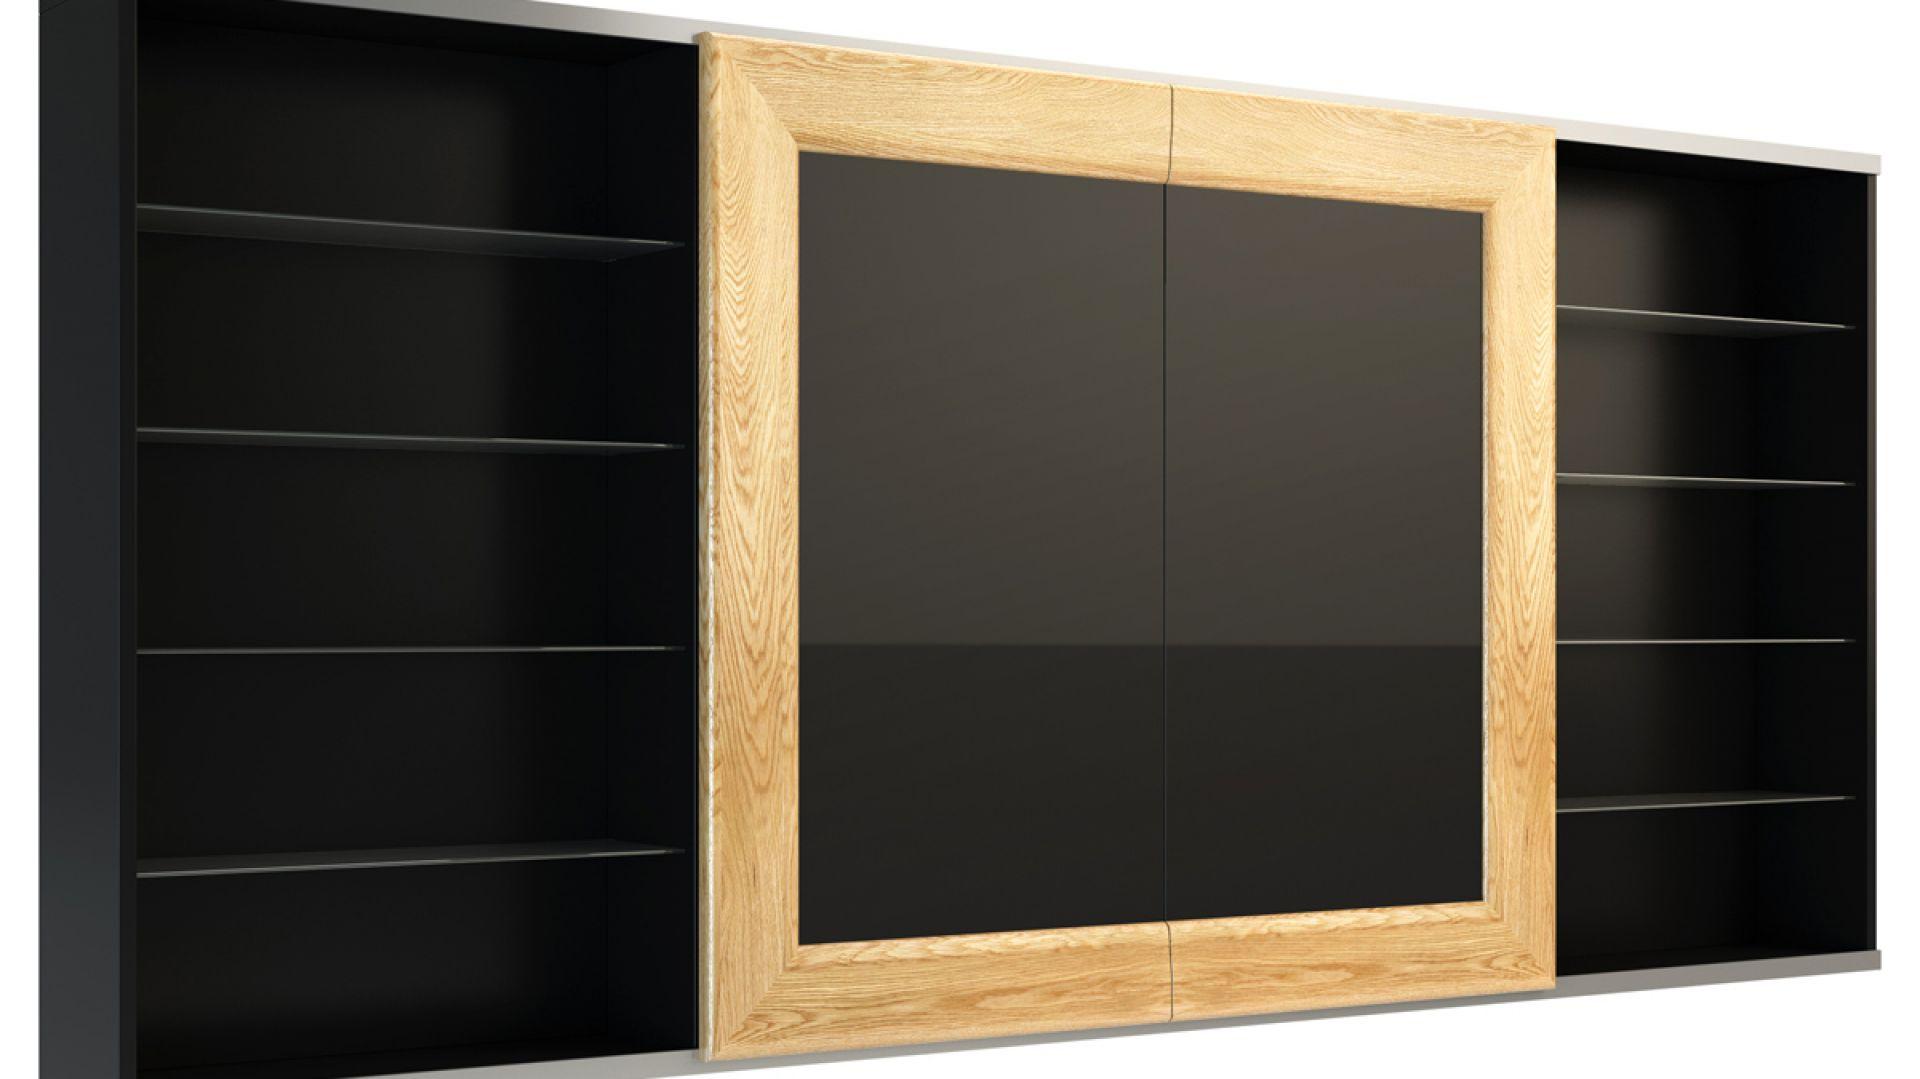 Panel tv z drzwiami przesuwnymi - Corino. Fot. Mebin